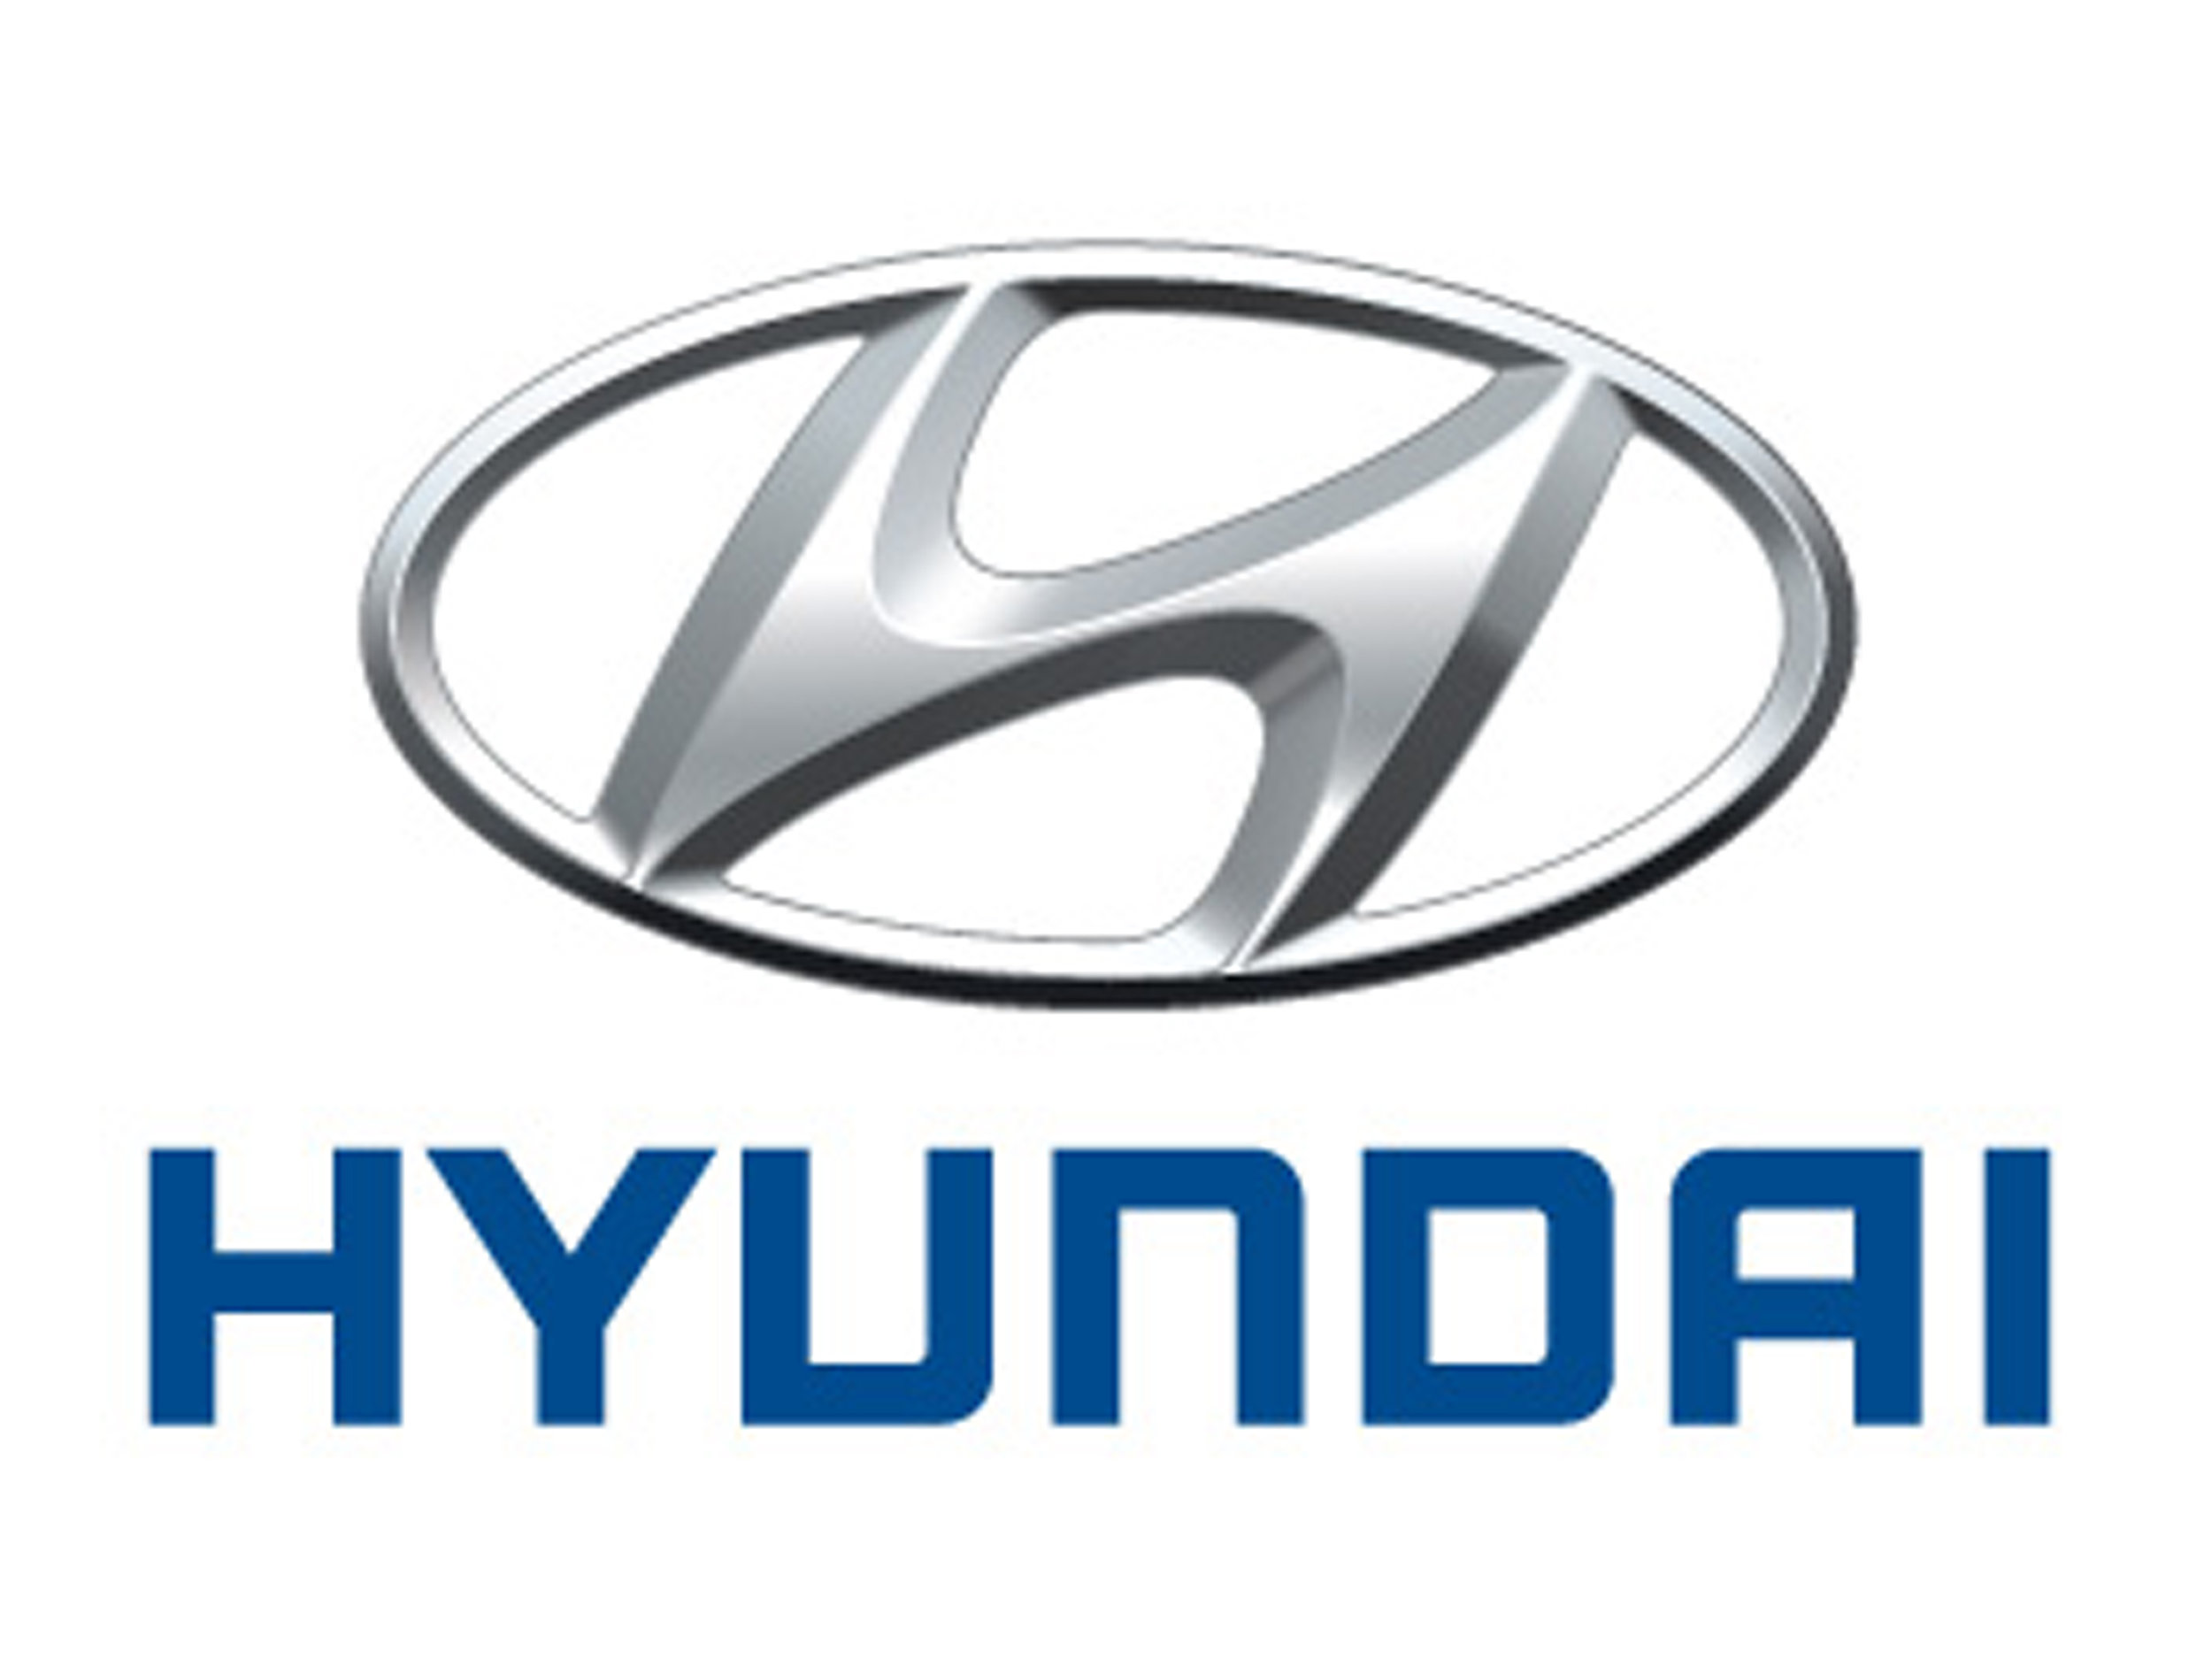 Hyundai_logo-2.jpg